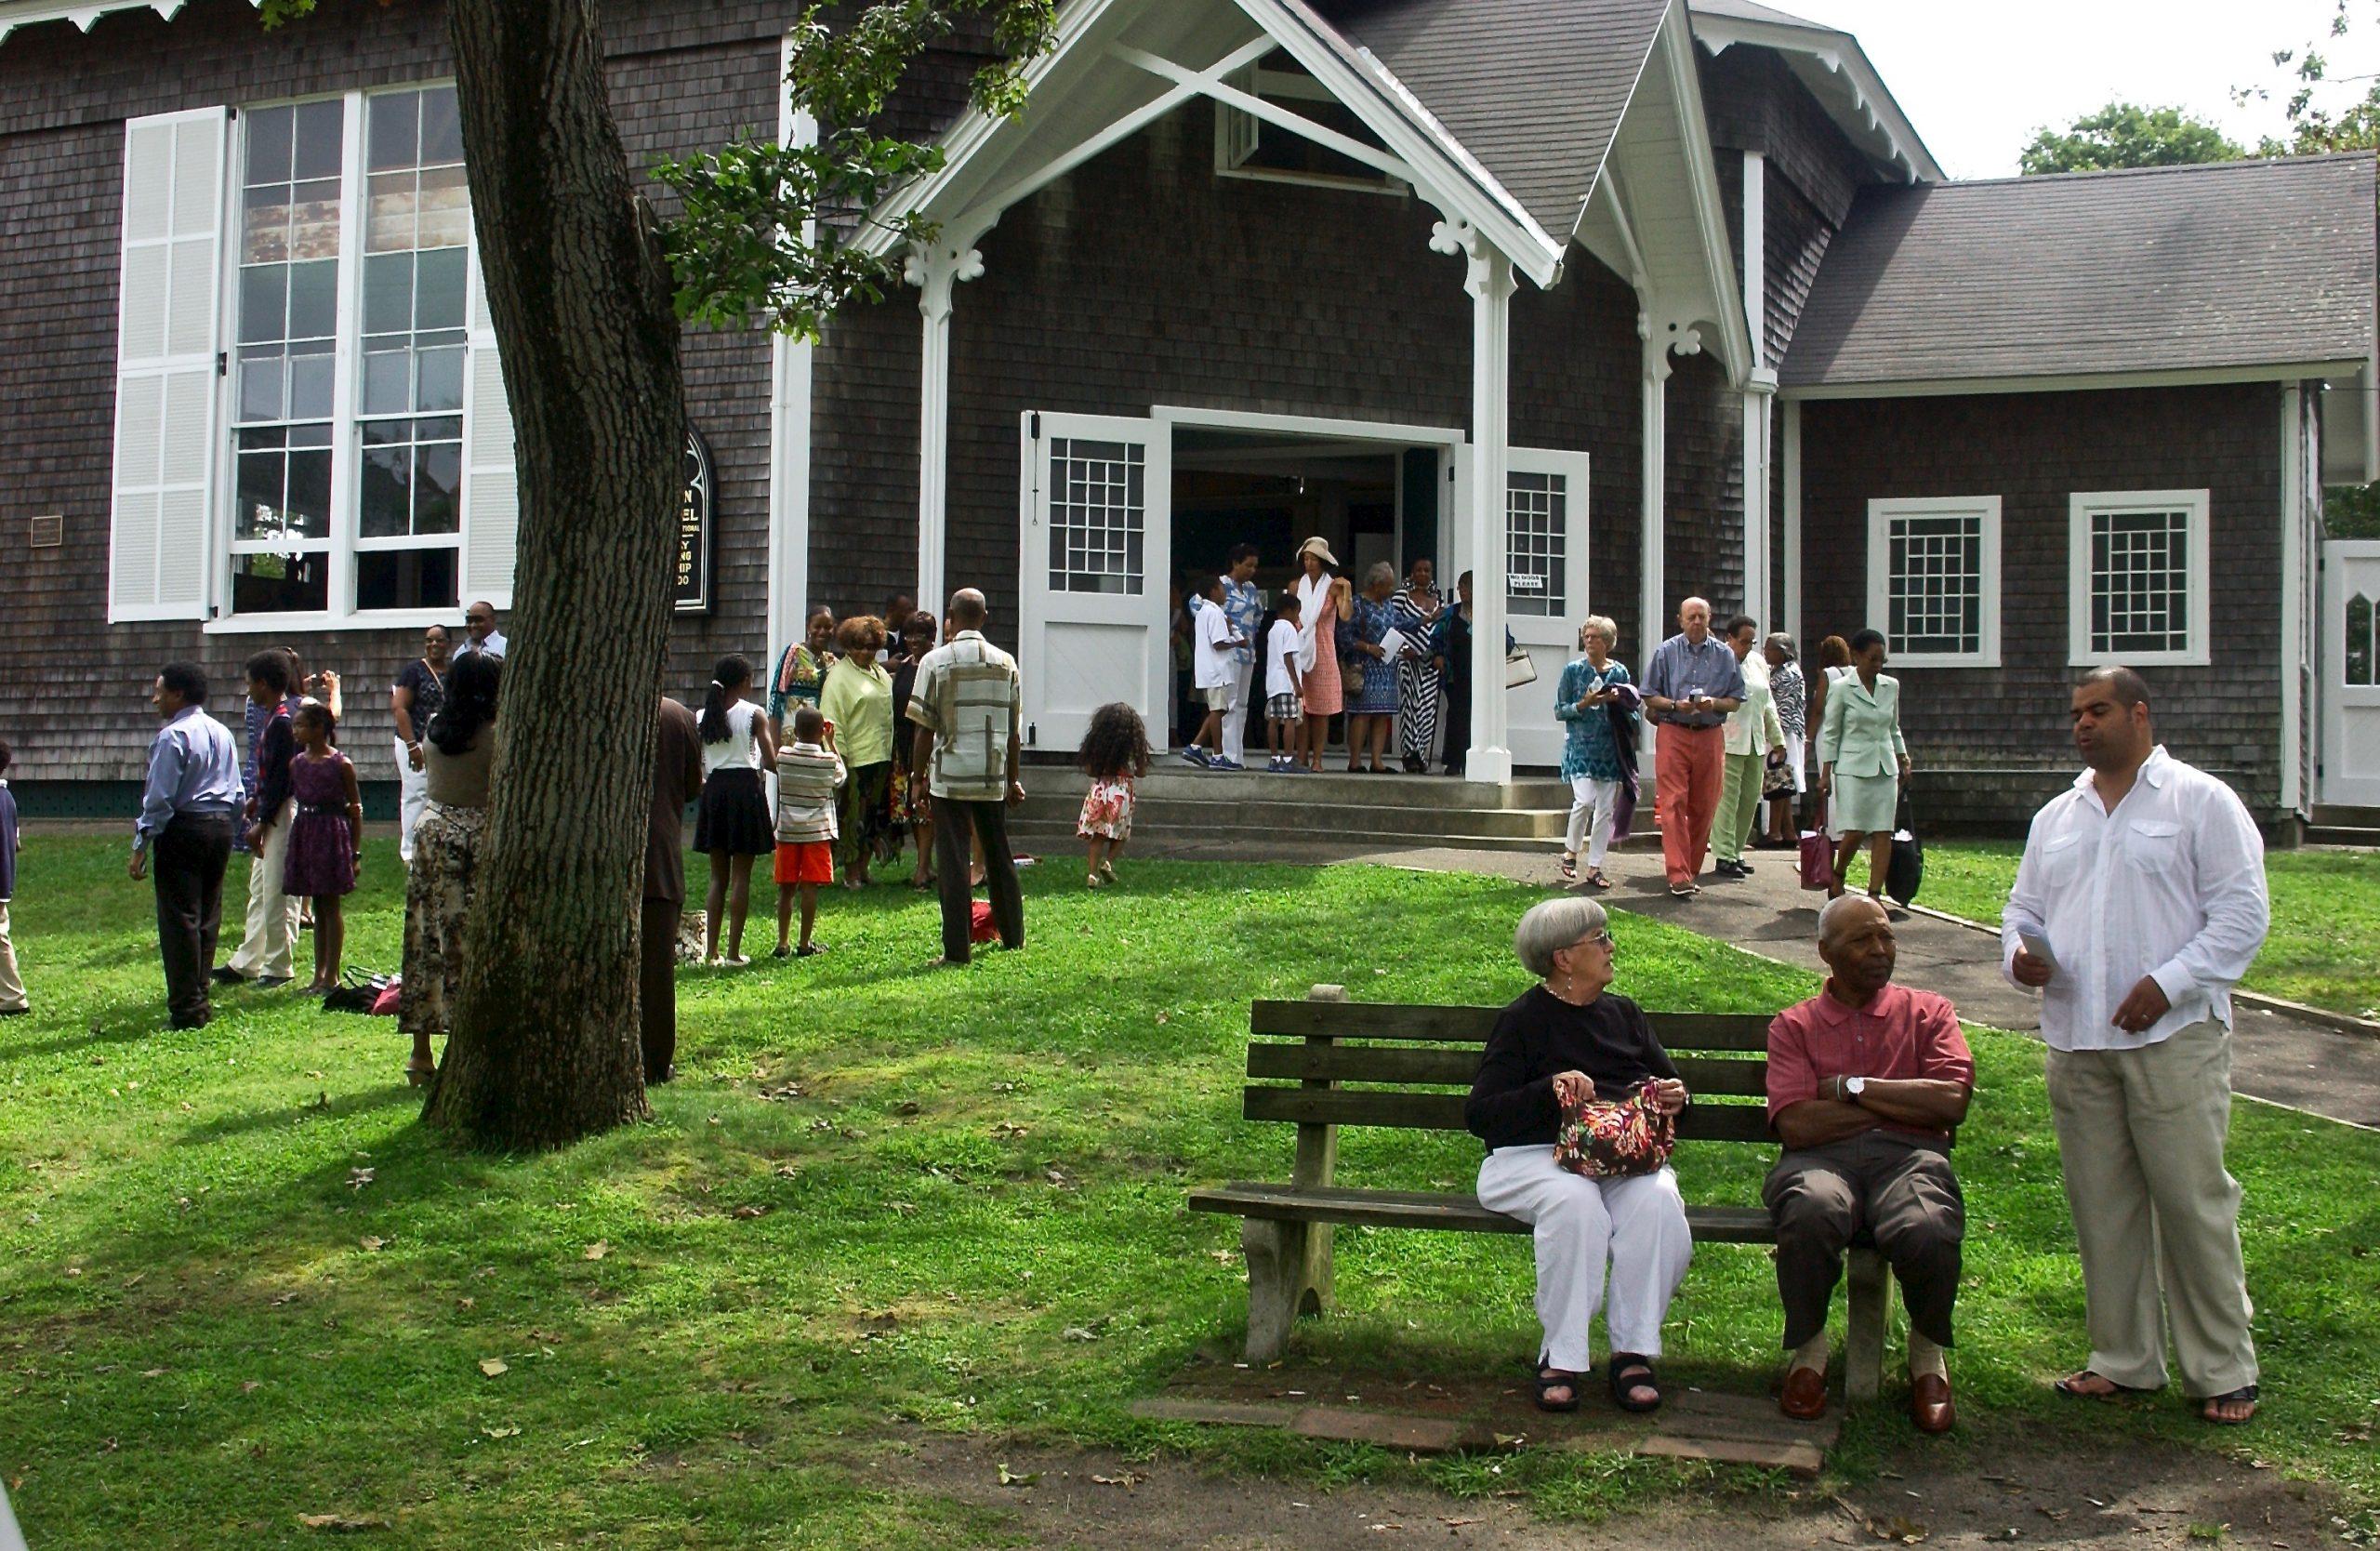 One Sunday; Congregation; Union Chapel; Oak Bluffs, Martha's Vineyard, Massachusetts, USA